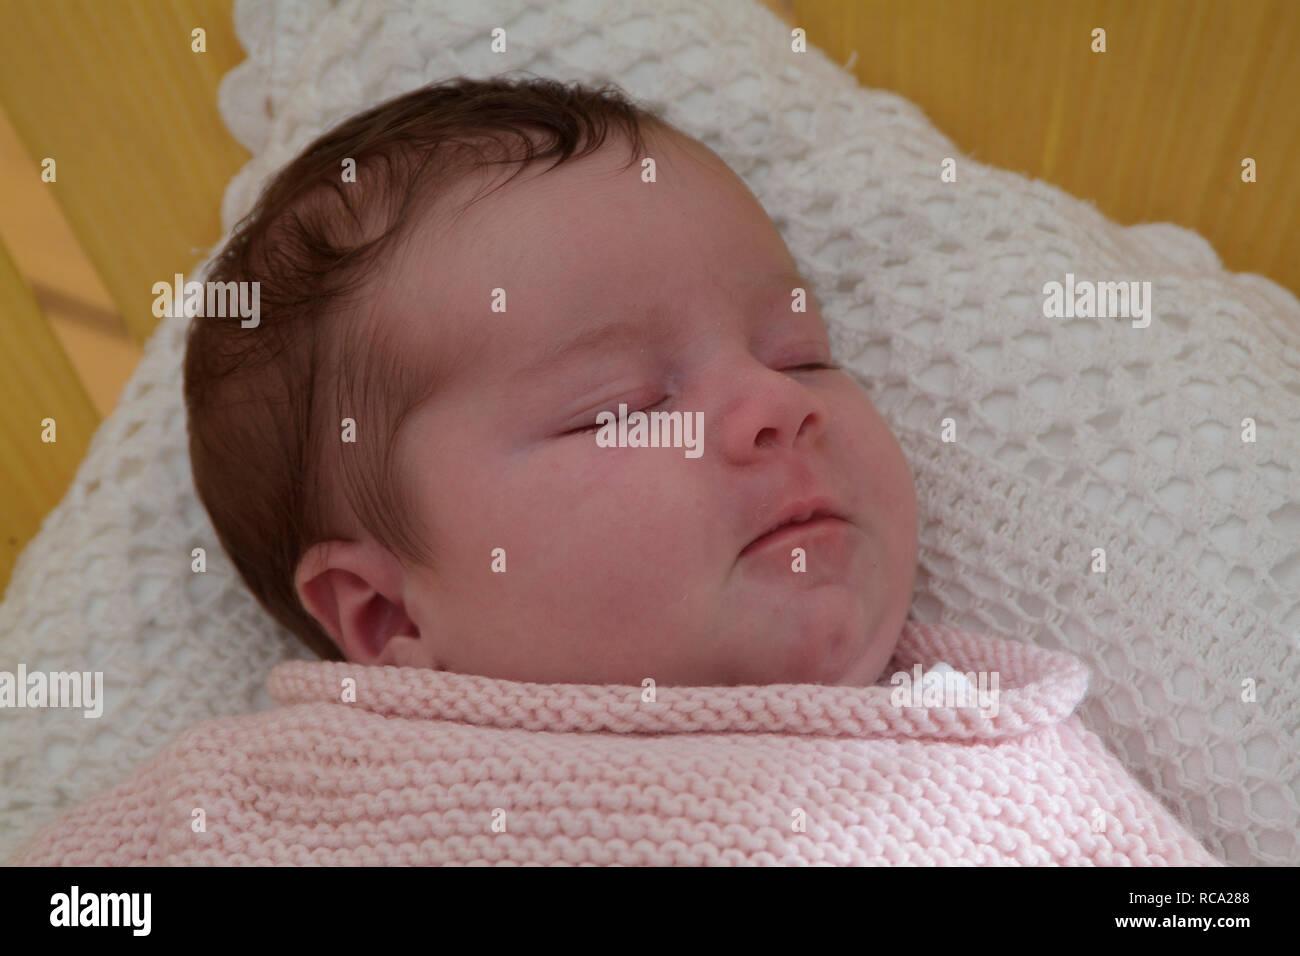 Bebé neugeborenes liegt auf einem Kissen, tipo das ist 12 Tage alt | bebé recién nacido acostado sobre una almohada - el bebé ist 12 días de edad. Foto de stock